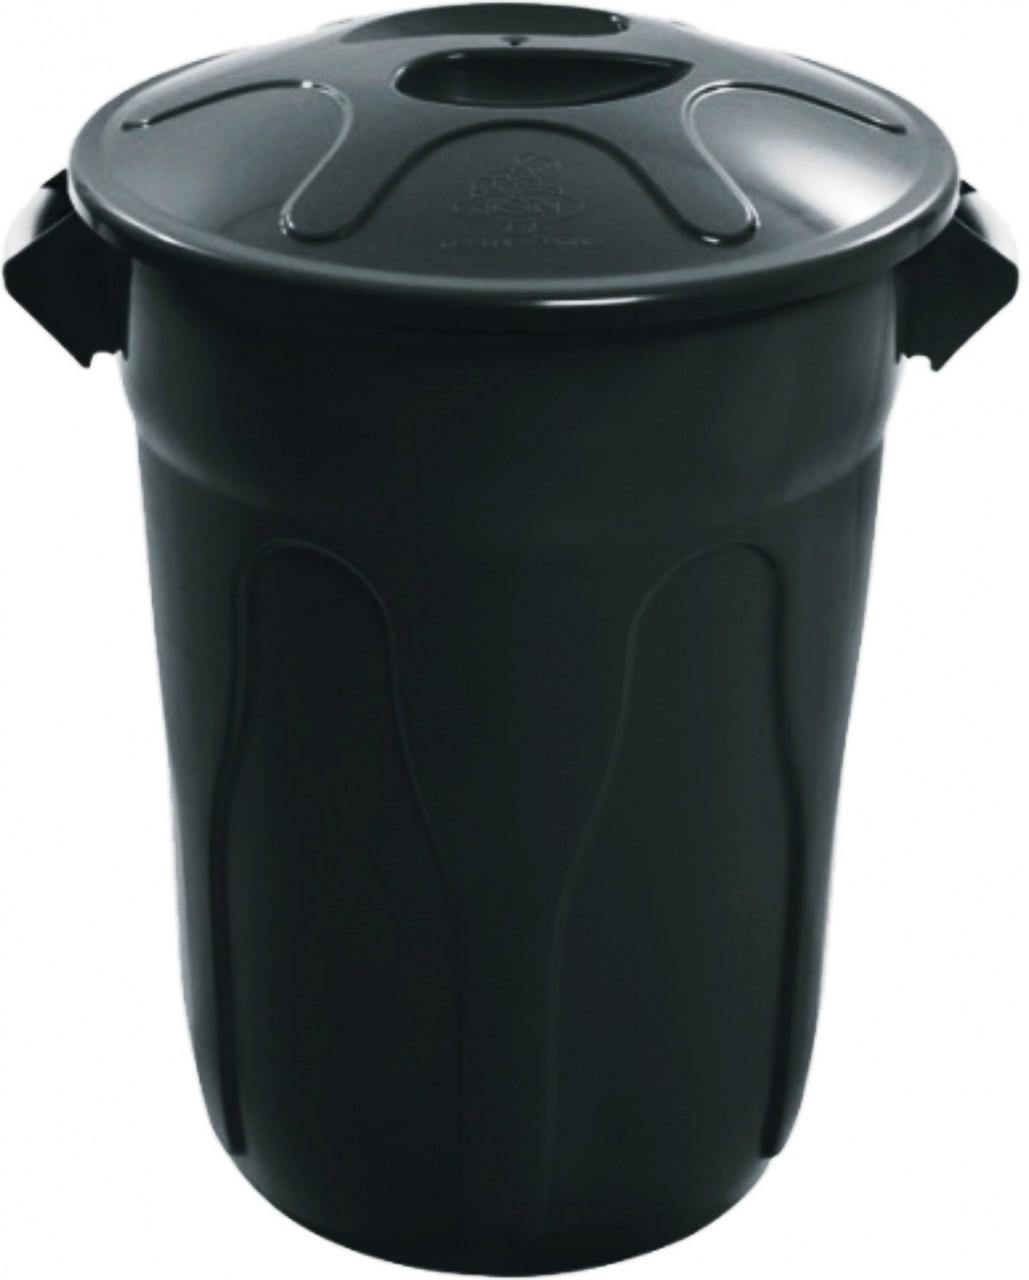 Cesto de Lixo tipo Balde 60 Litros   - Reis Lixeiras